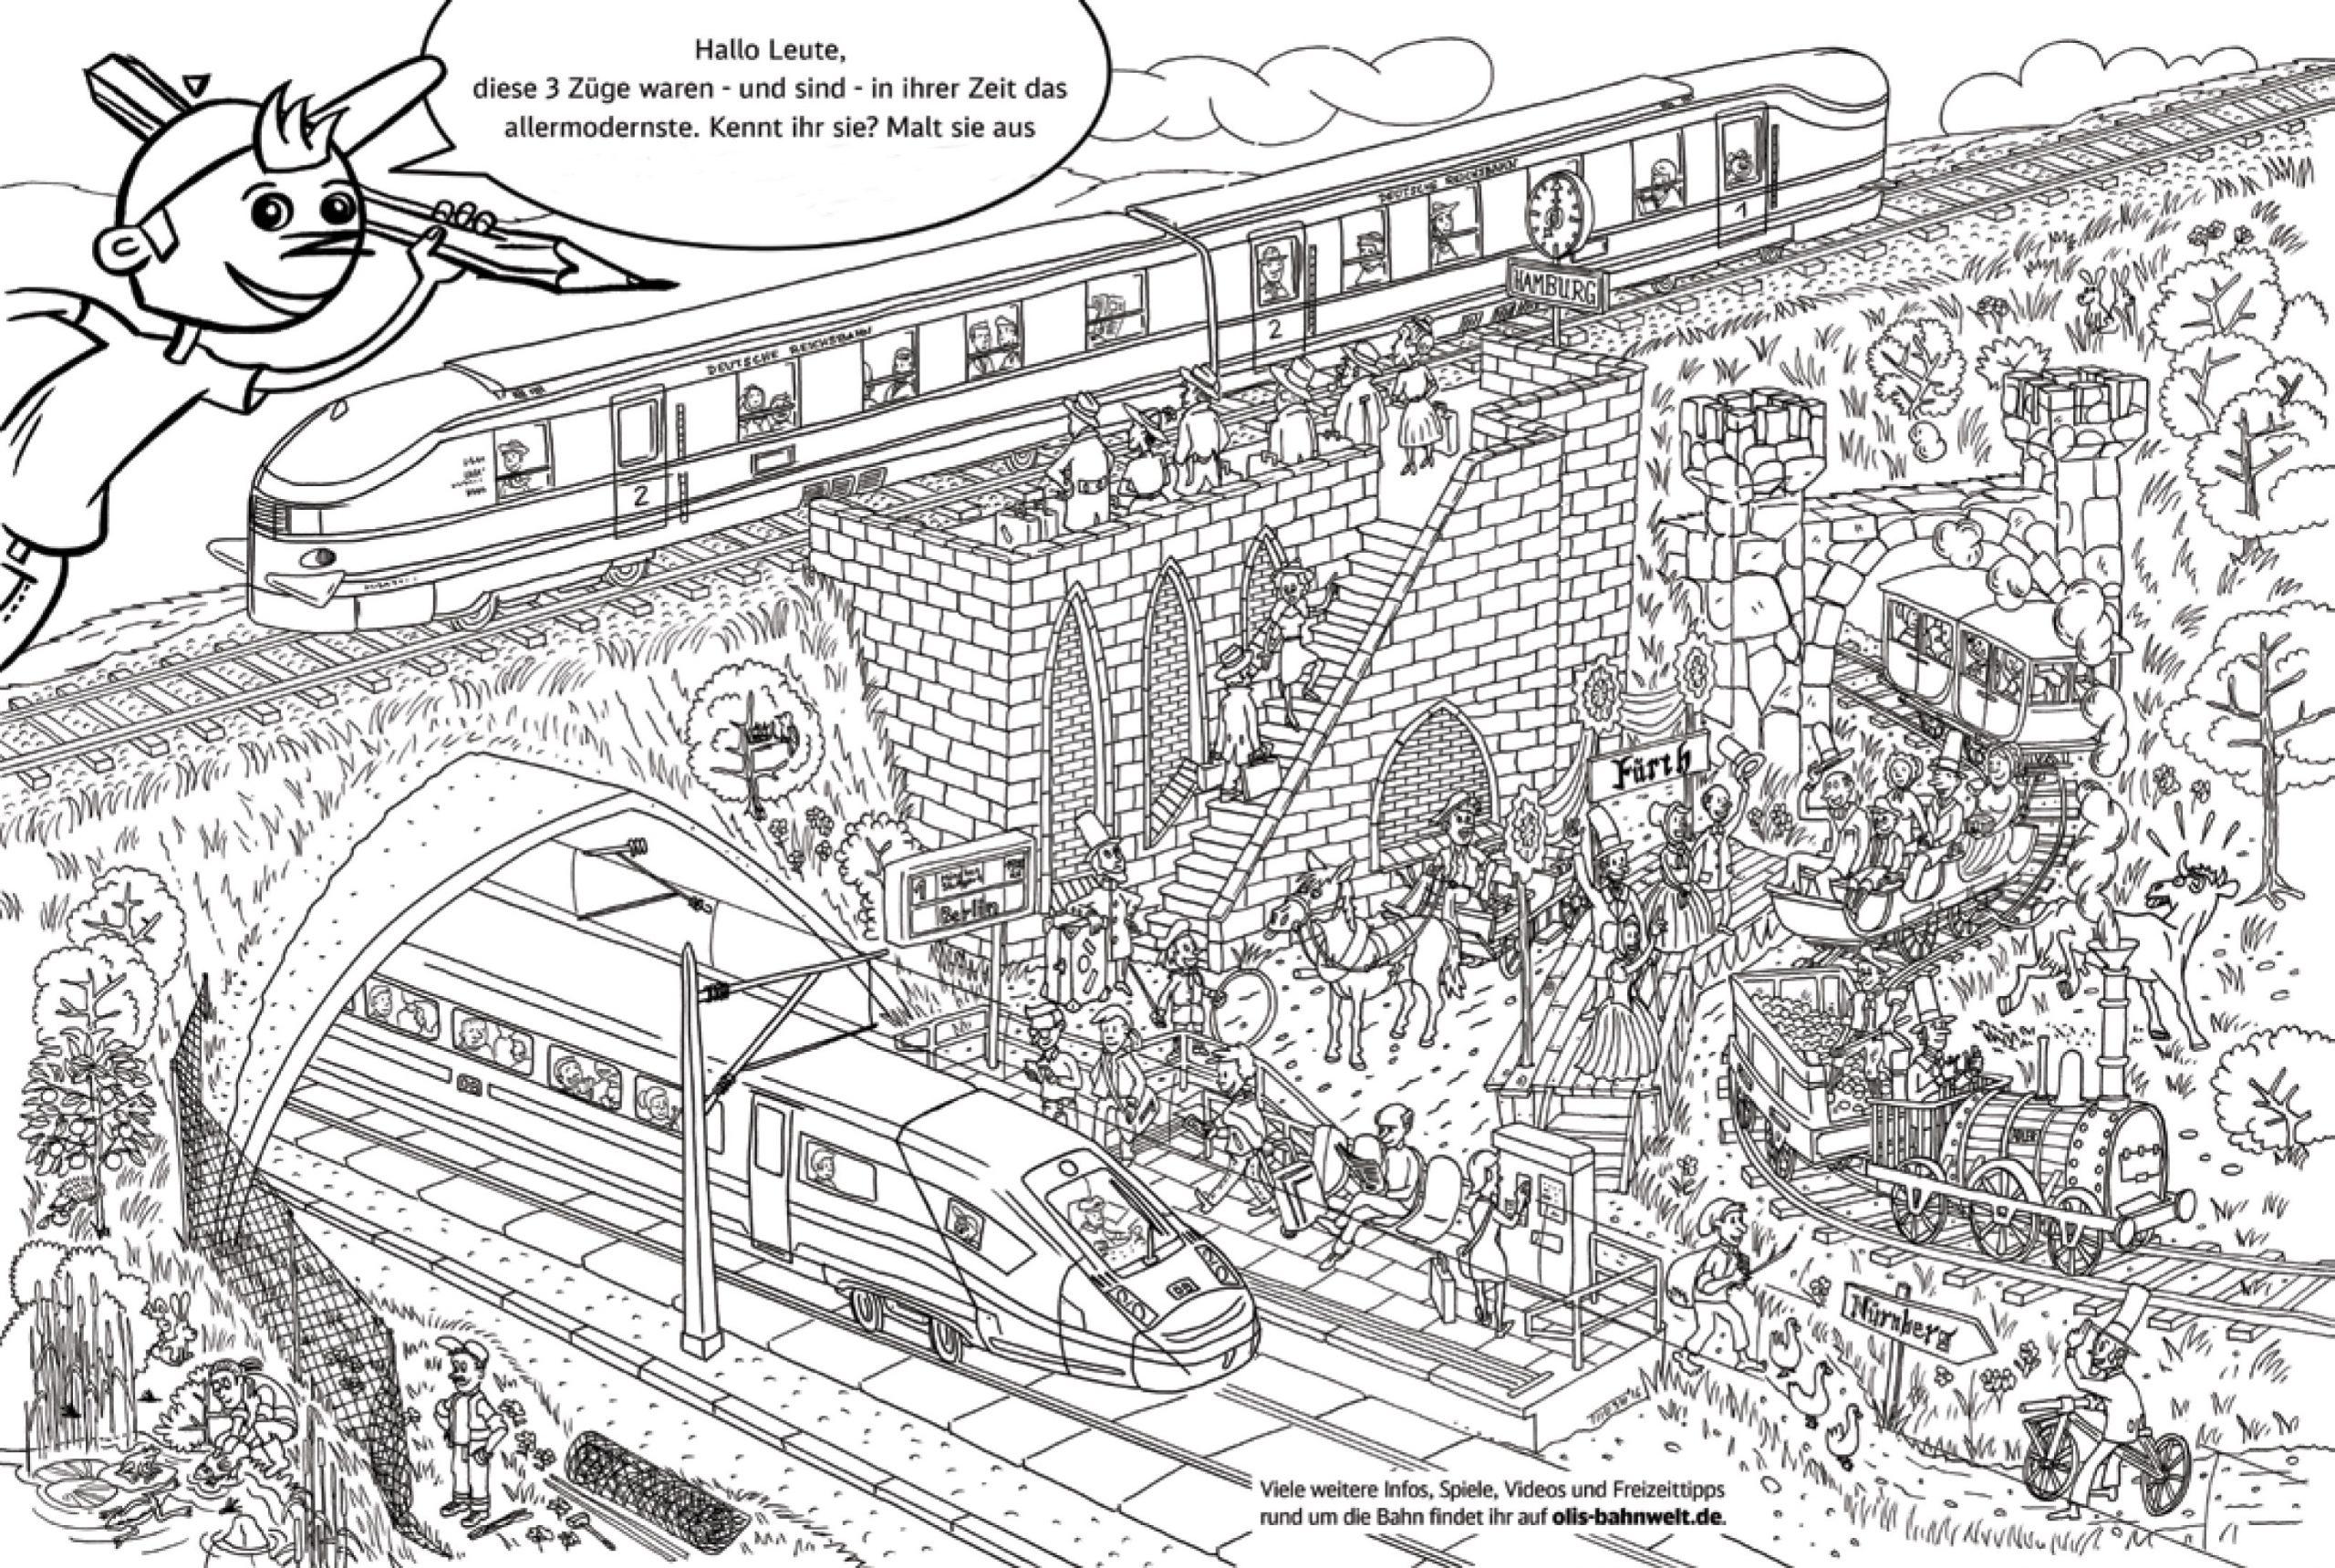 Ausmalbild - Vom Adler Zum Iceausmalbild - Vom Adler Zum Ice in Eisenbahn Ausmalbilder